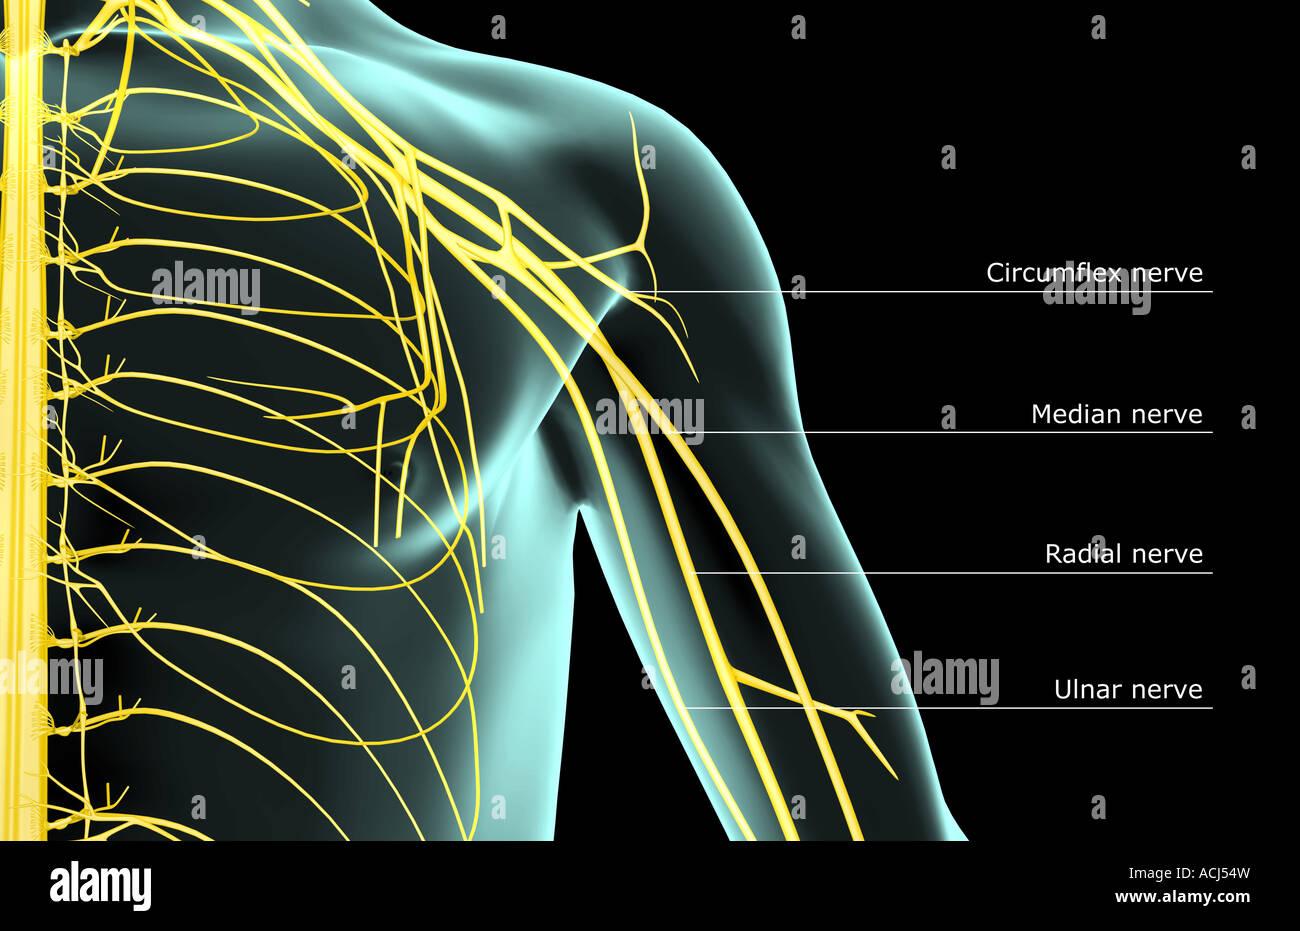 Nerves Shoulder Stock Photos & Nerves Shoulder Stock Images - Page 3 ...